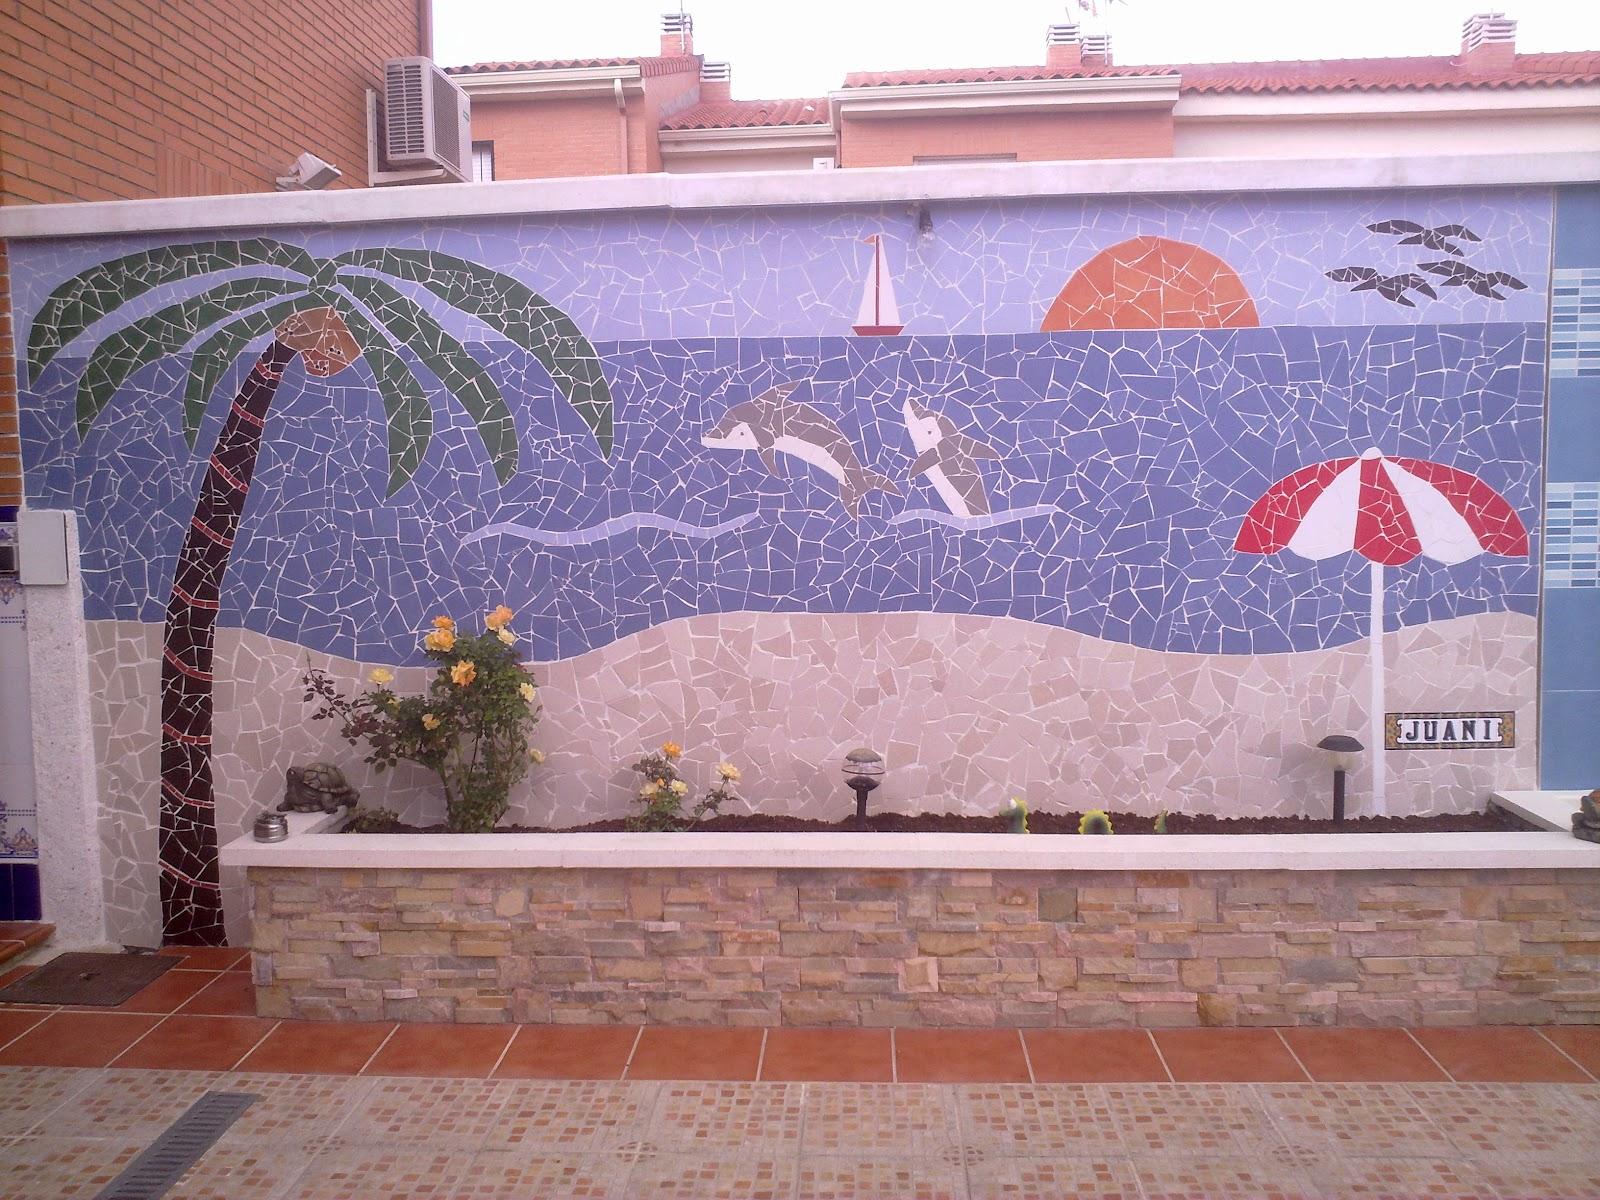 Juani Manualidades Mosaico De Azulejos Rotos - Azulejos-con-dibujos